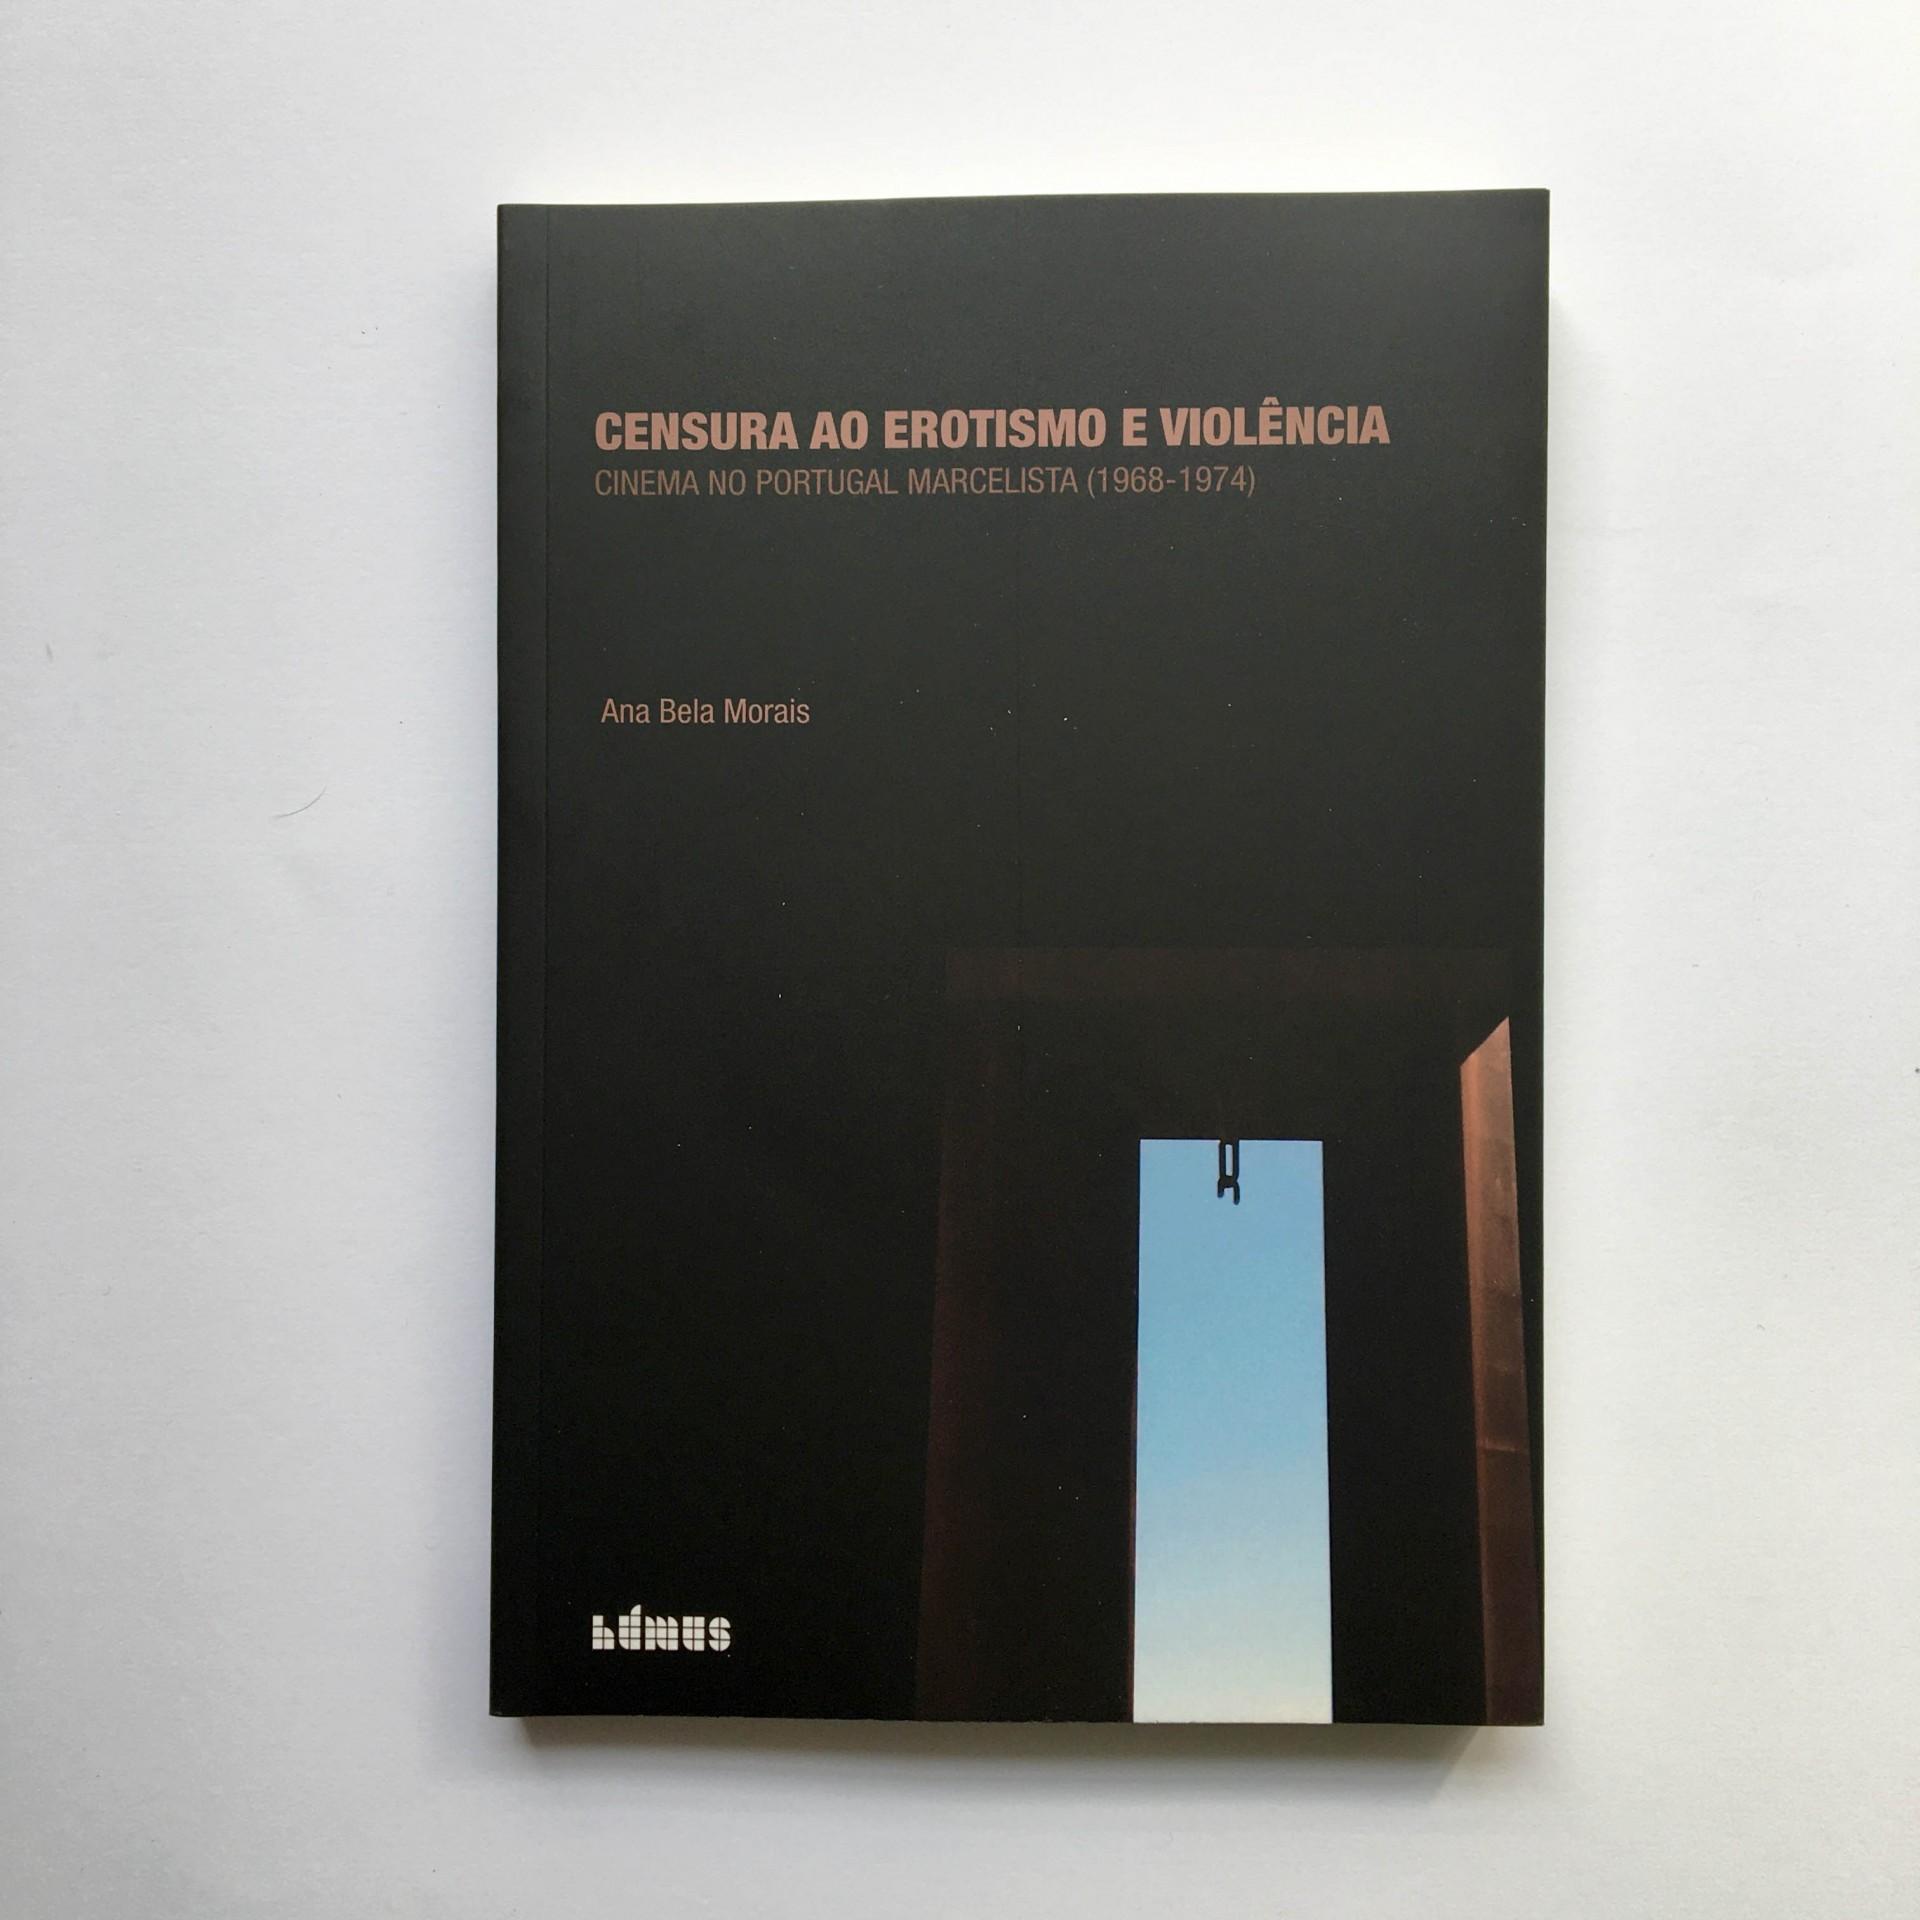 Censura ao Erotismo e Violência - Cinema no Portugal Marcelista (1968-1974)